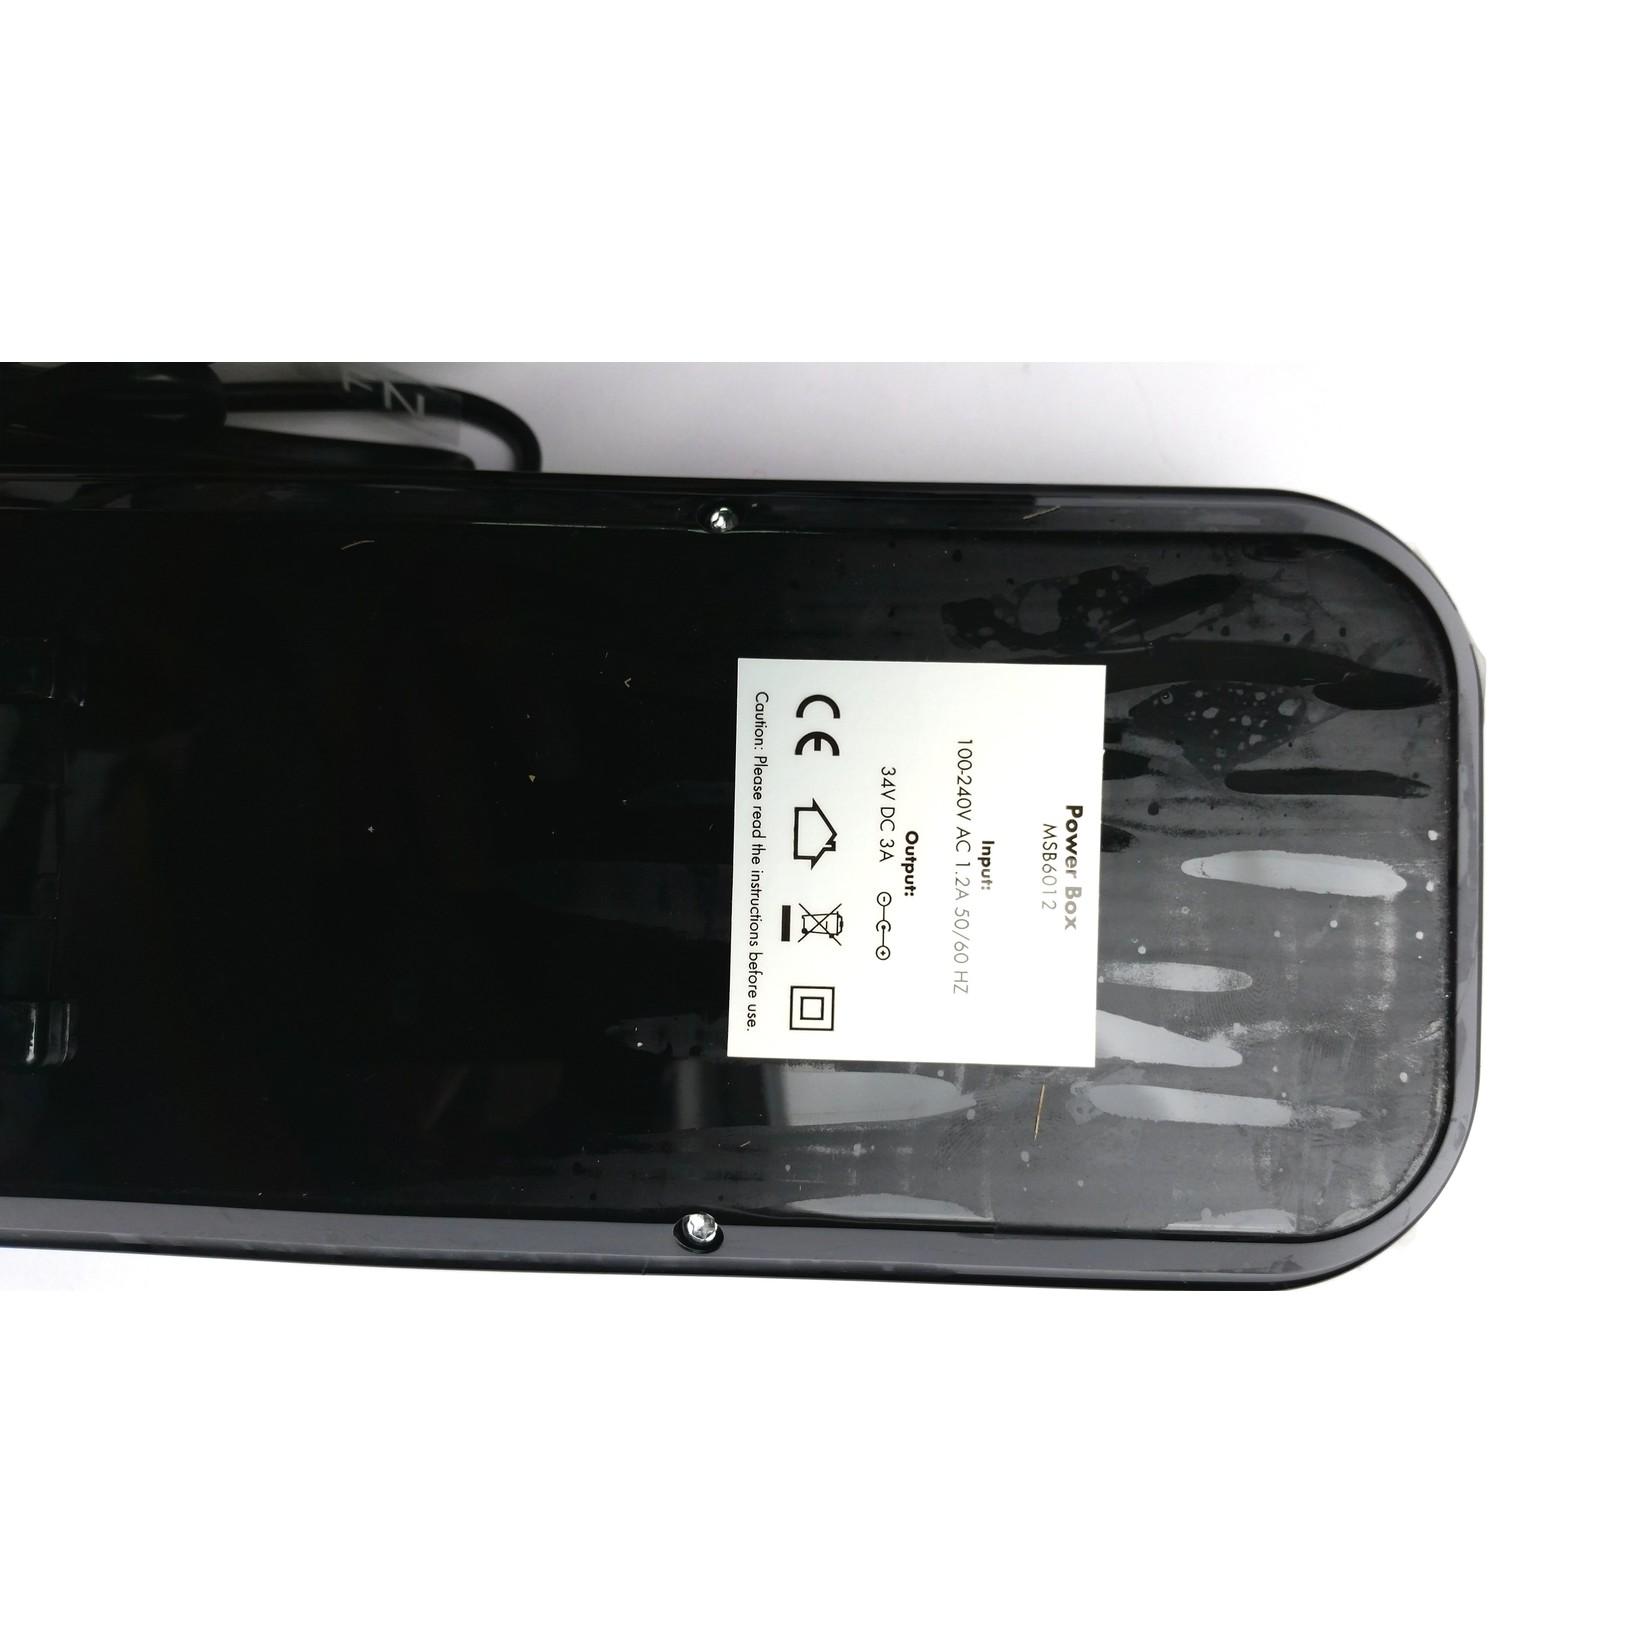 Robomow Robomow Powerbox grau 3A (RS630) SPP6112A